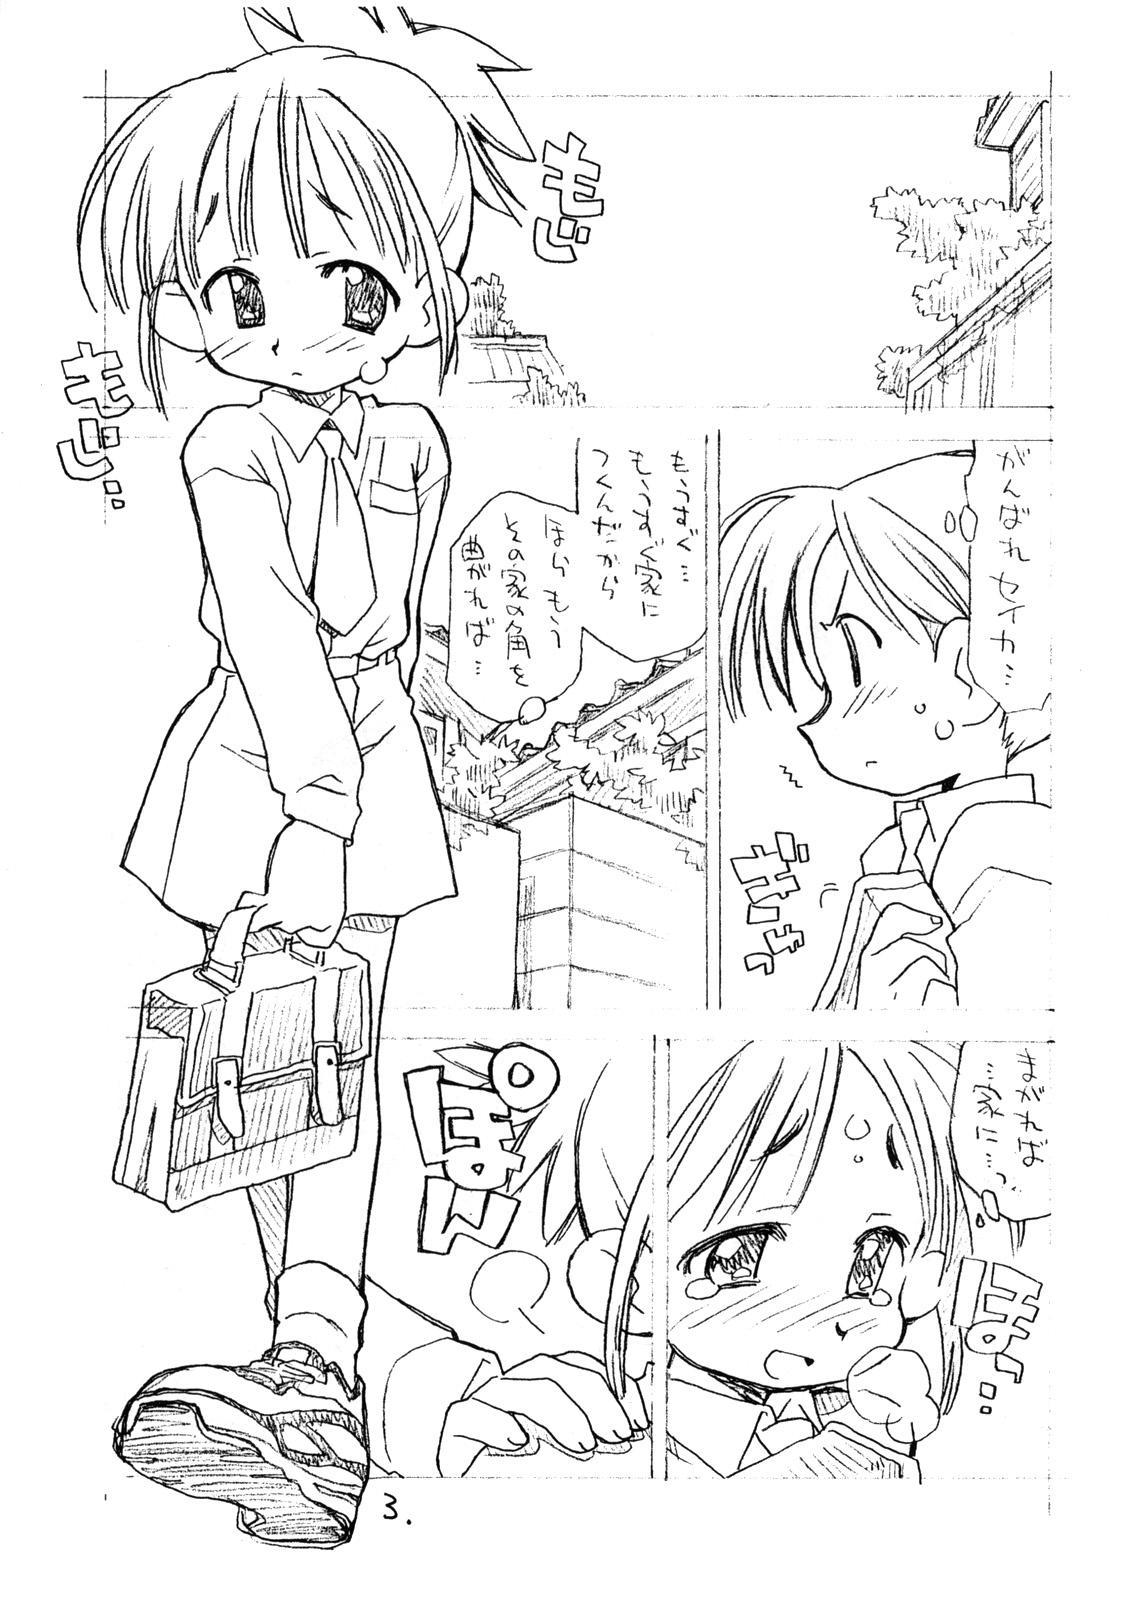 Okosama One-touch 1